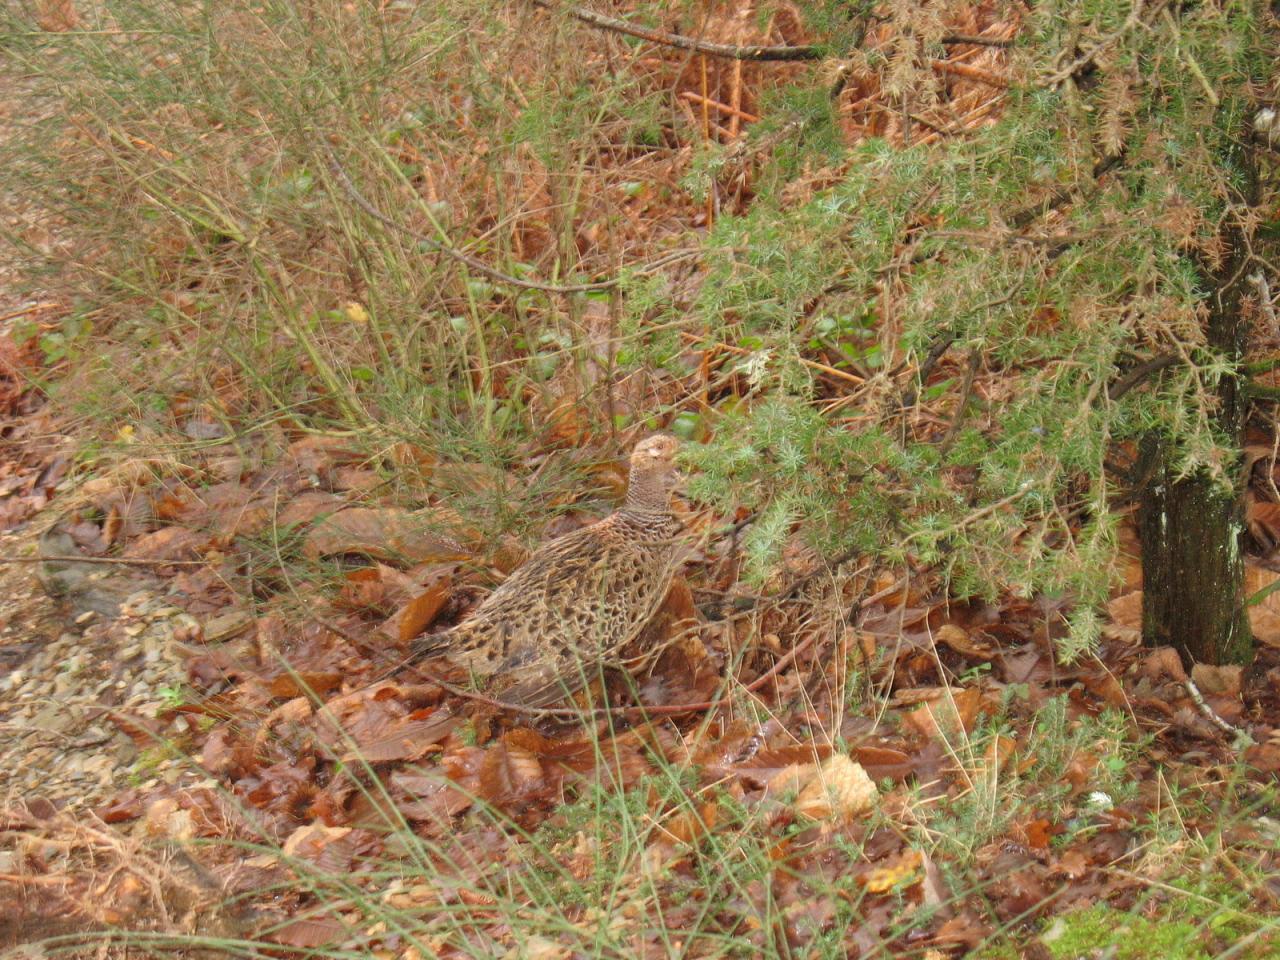 Une poule faisane